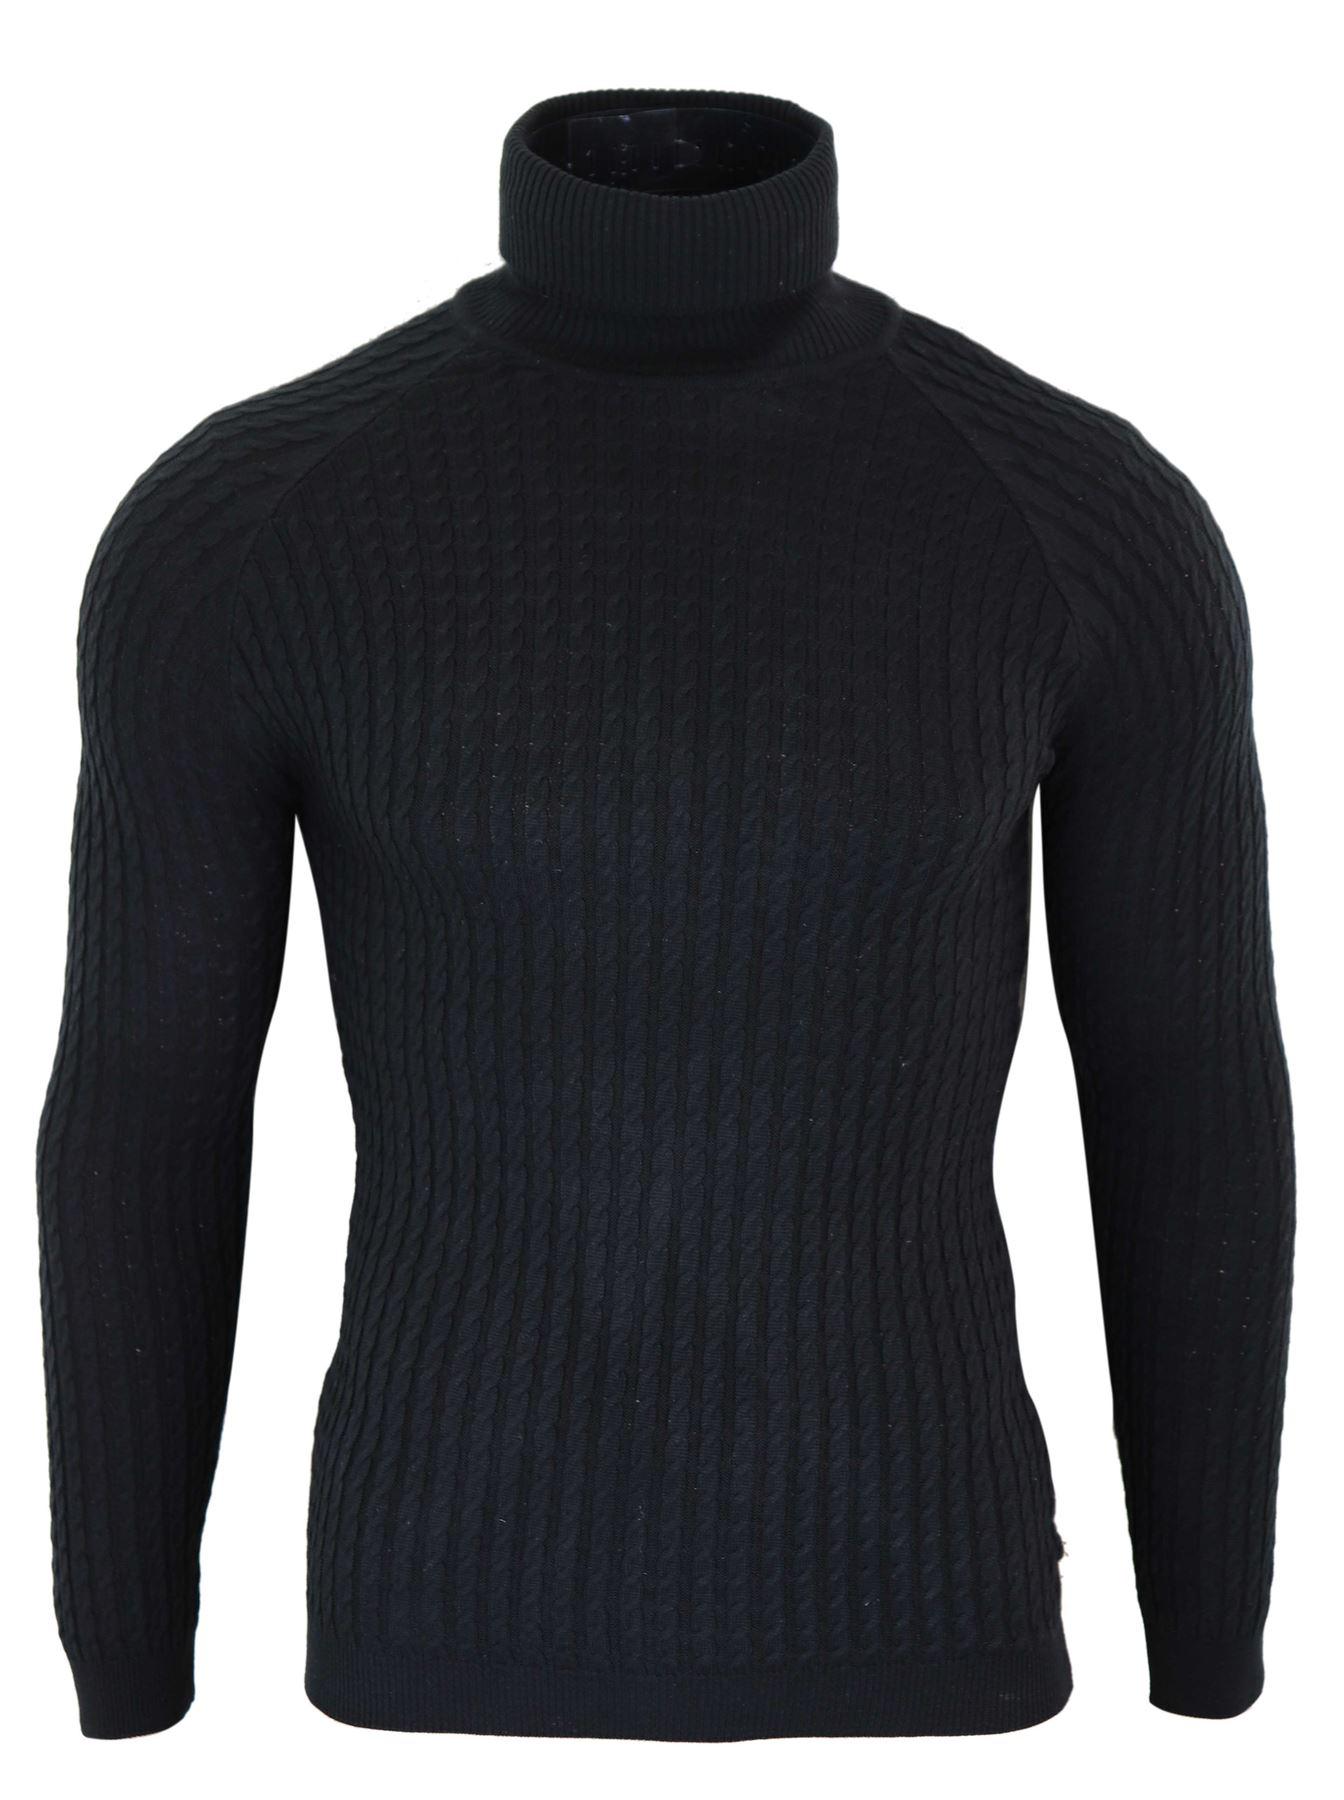 Détails sur Pull homme col roulé coupe slim tricot léger style scandinave chic décontracté